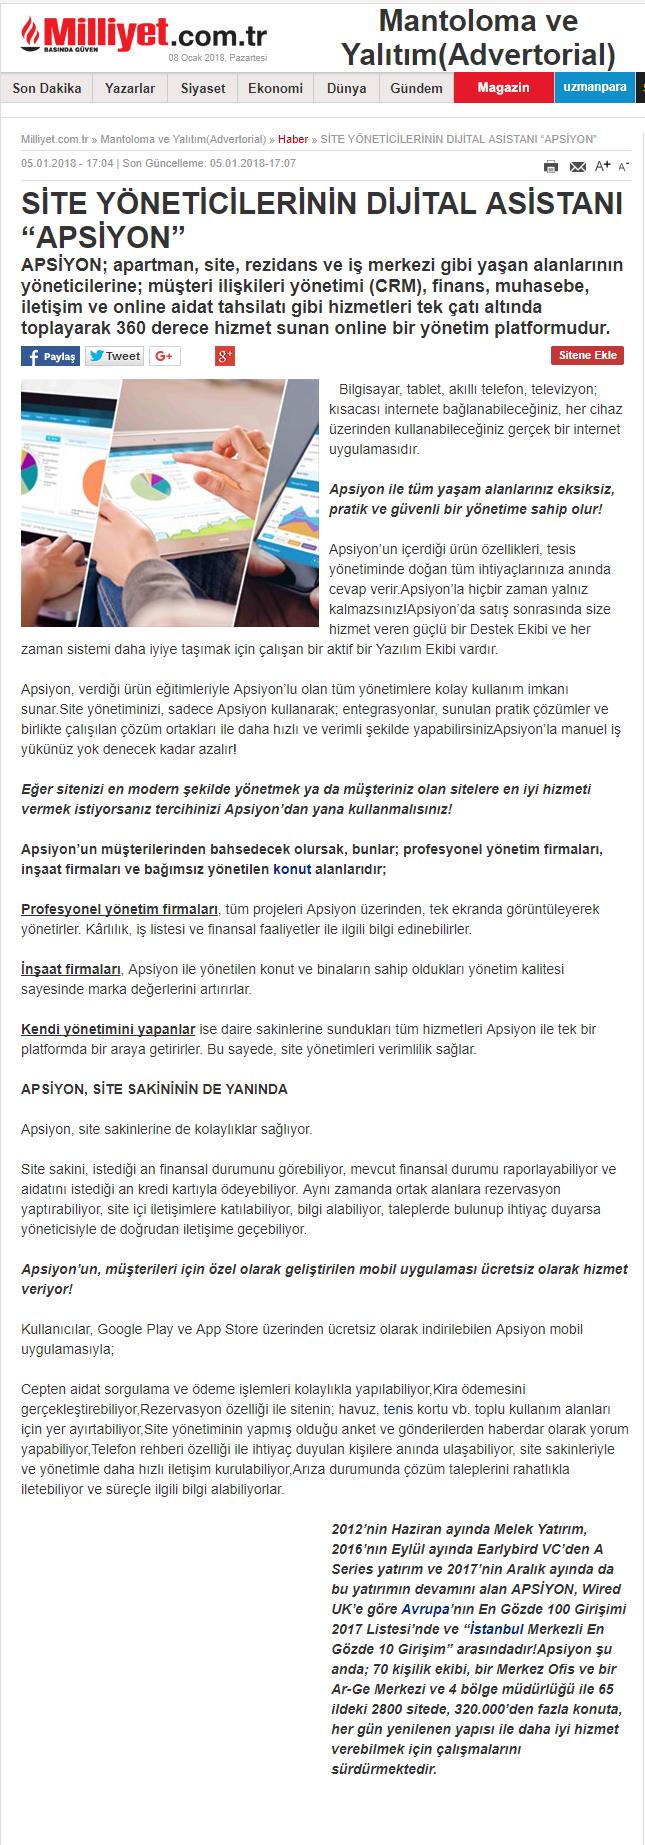 """Site Yöneticilerinin Dijital Asistani """"Apsiyon"""""""